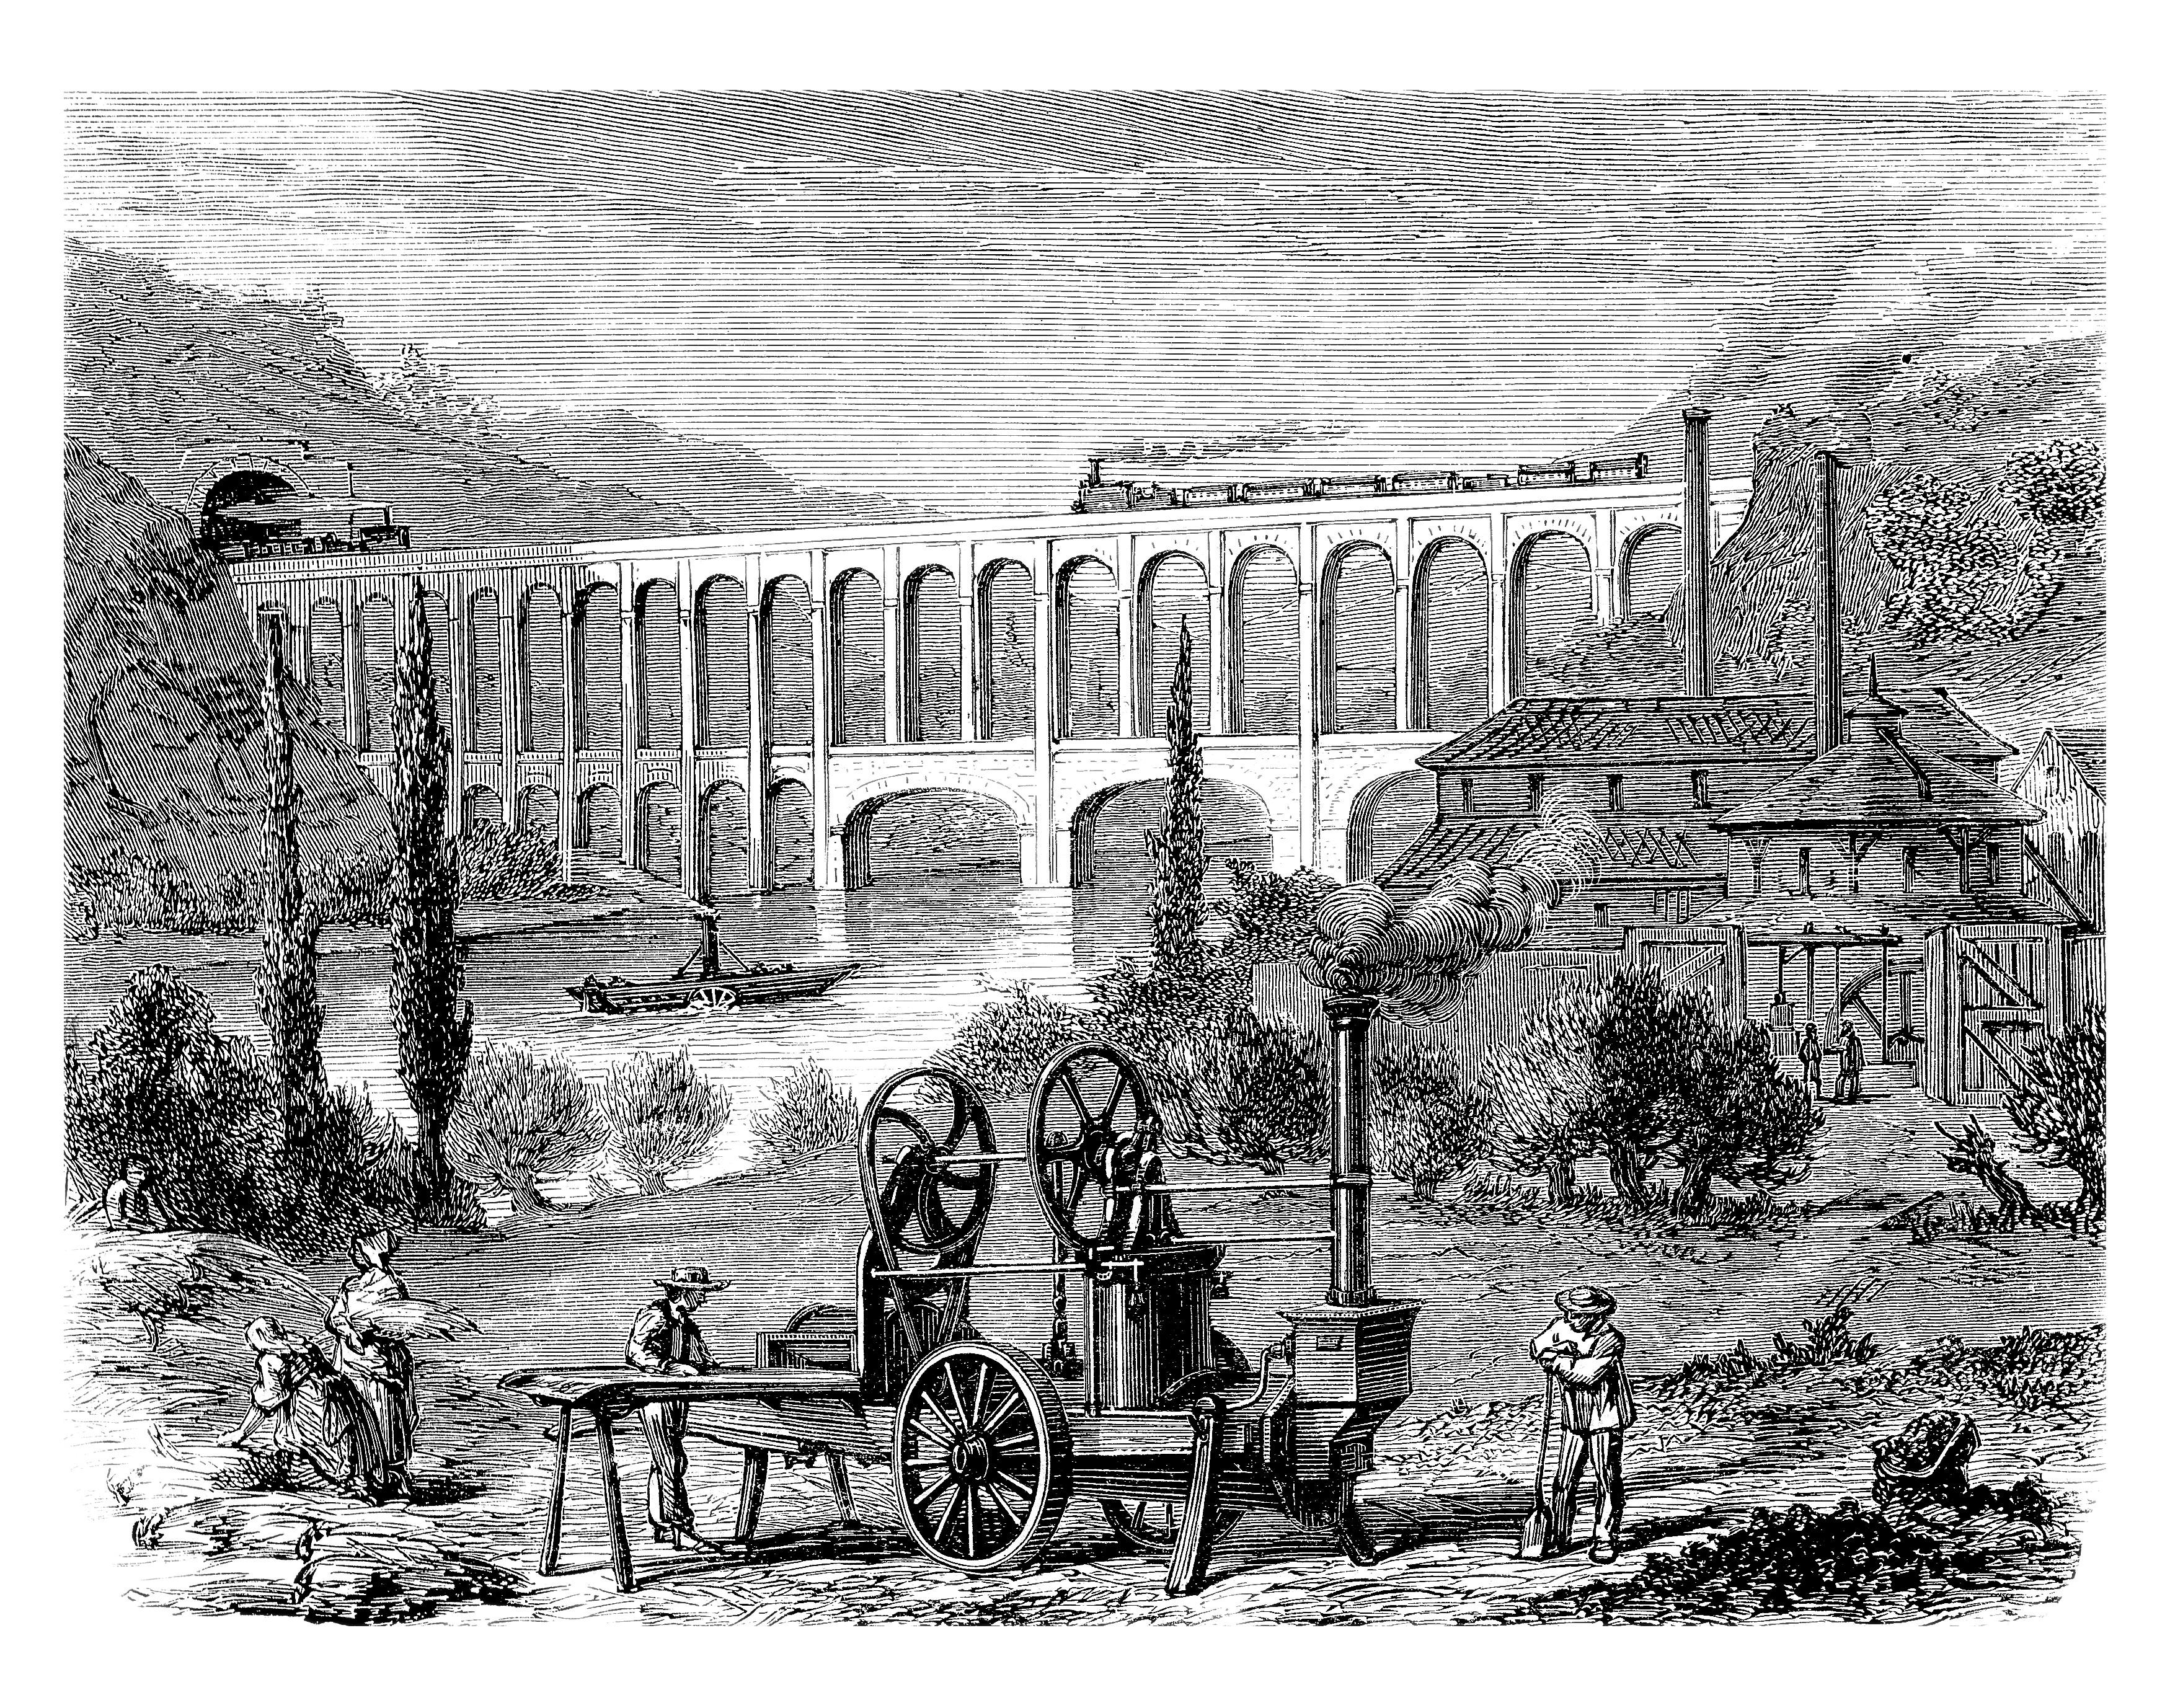 La historia de la Ingeniería Industrial en Andalucía | Ingeniería ...